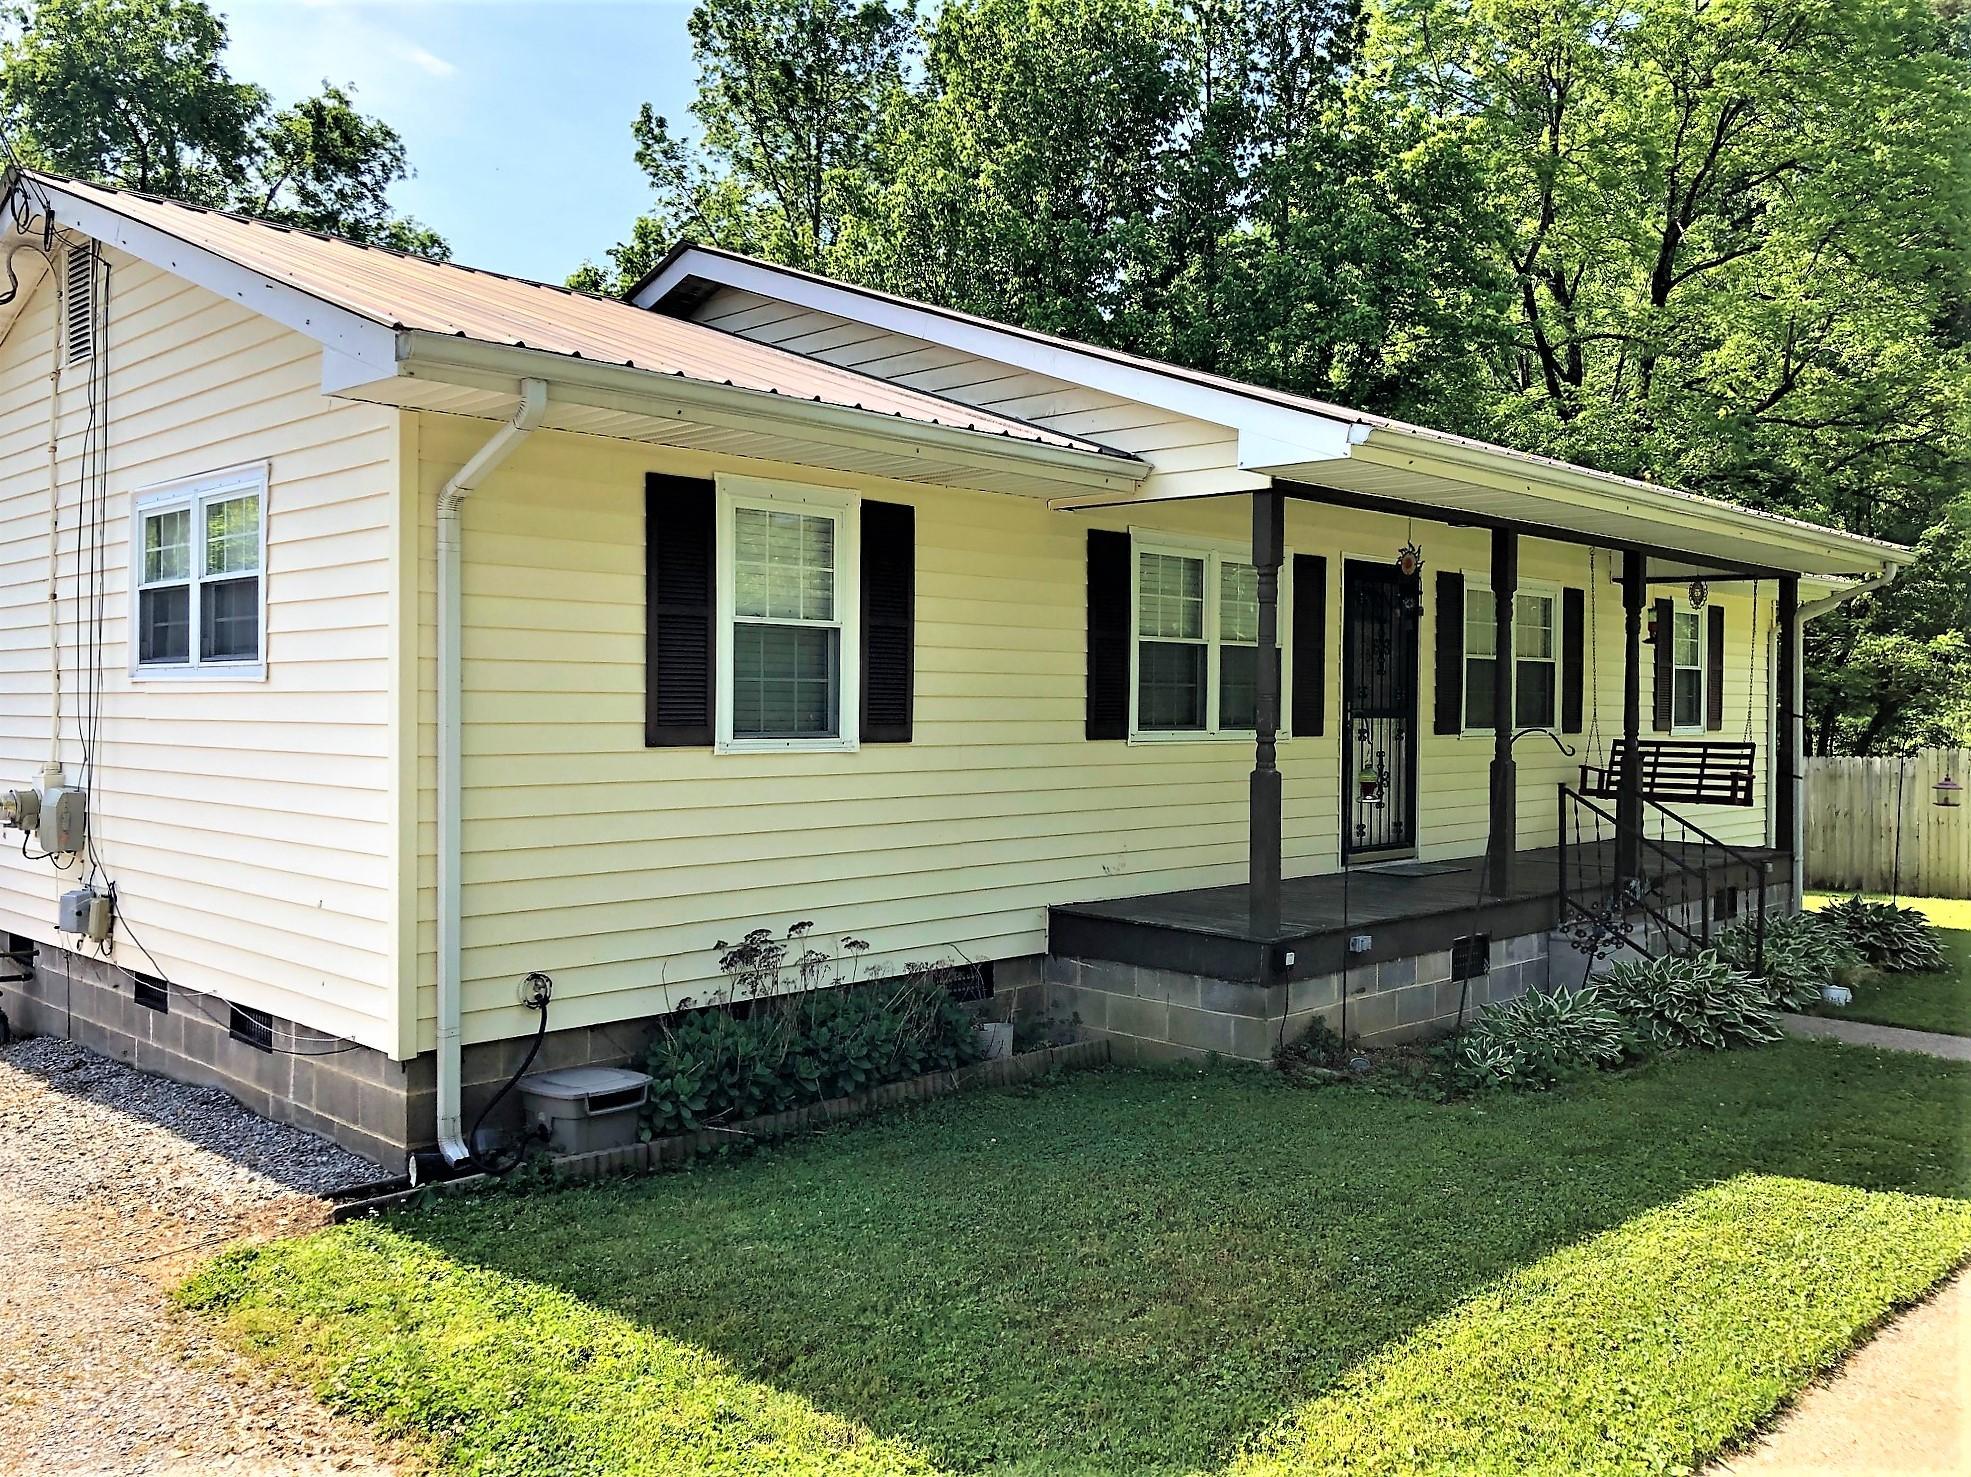 11256 S Oak St, Soddy Daisy, Tennessee